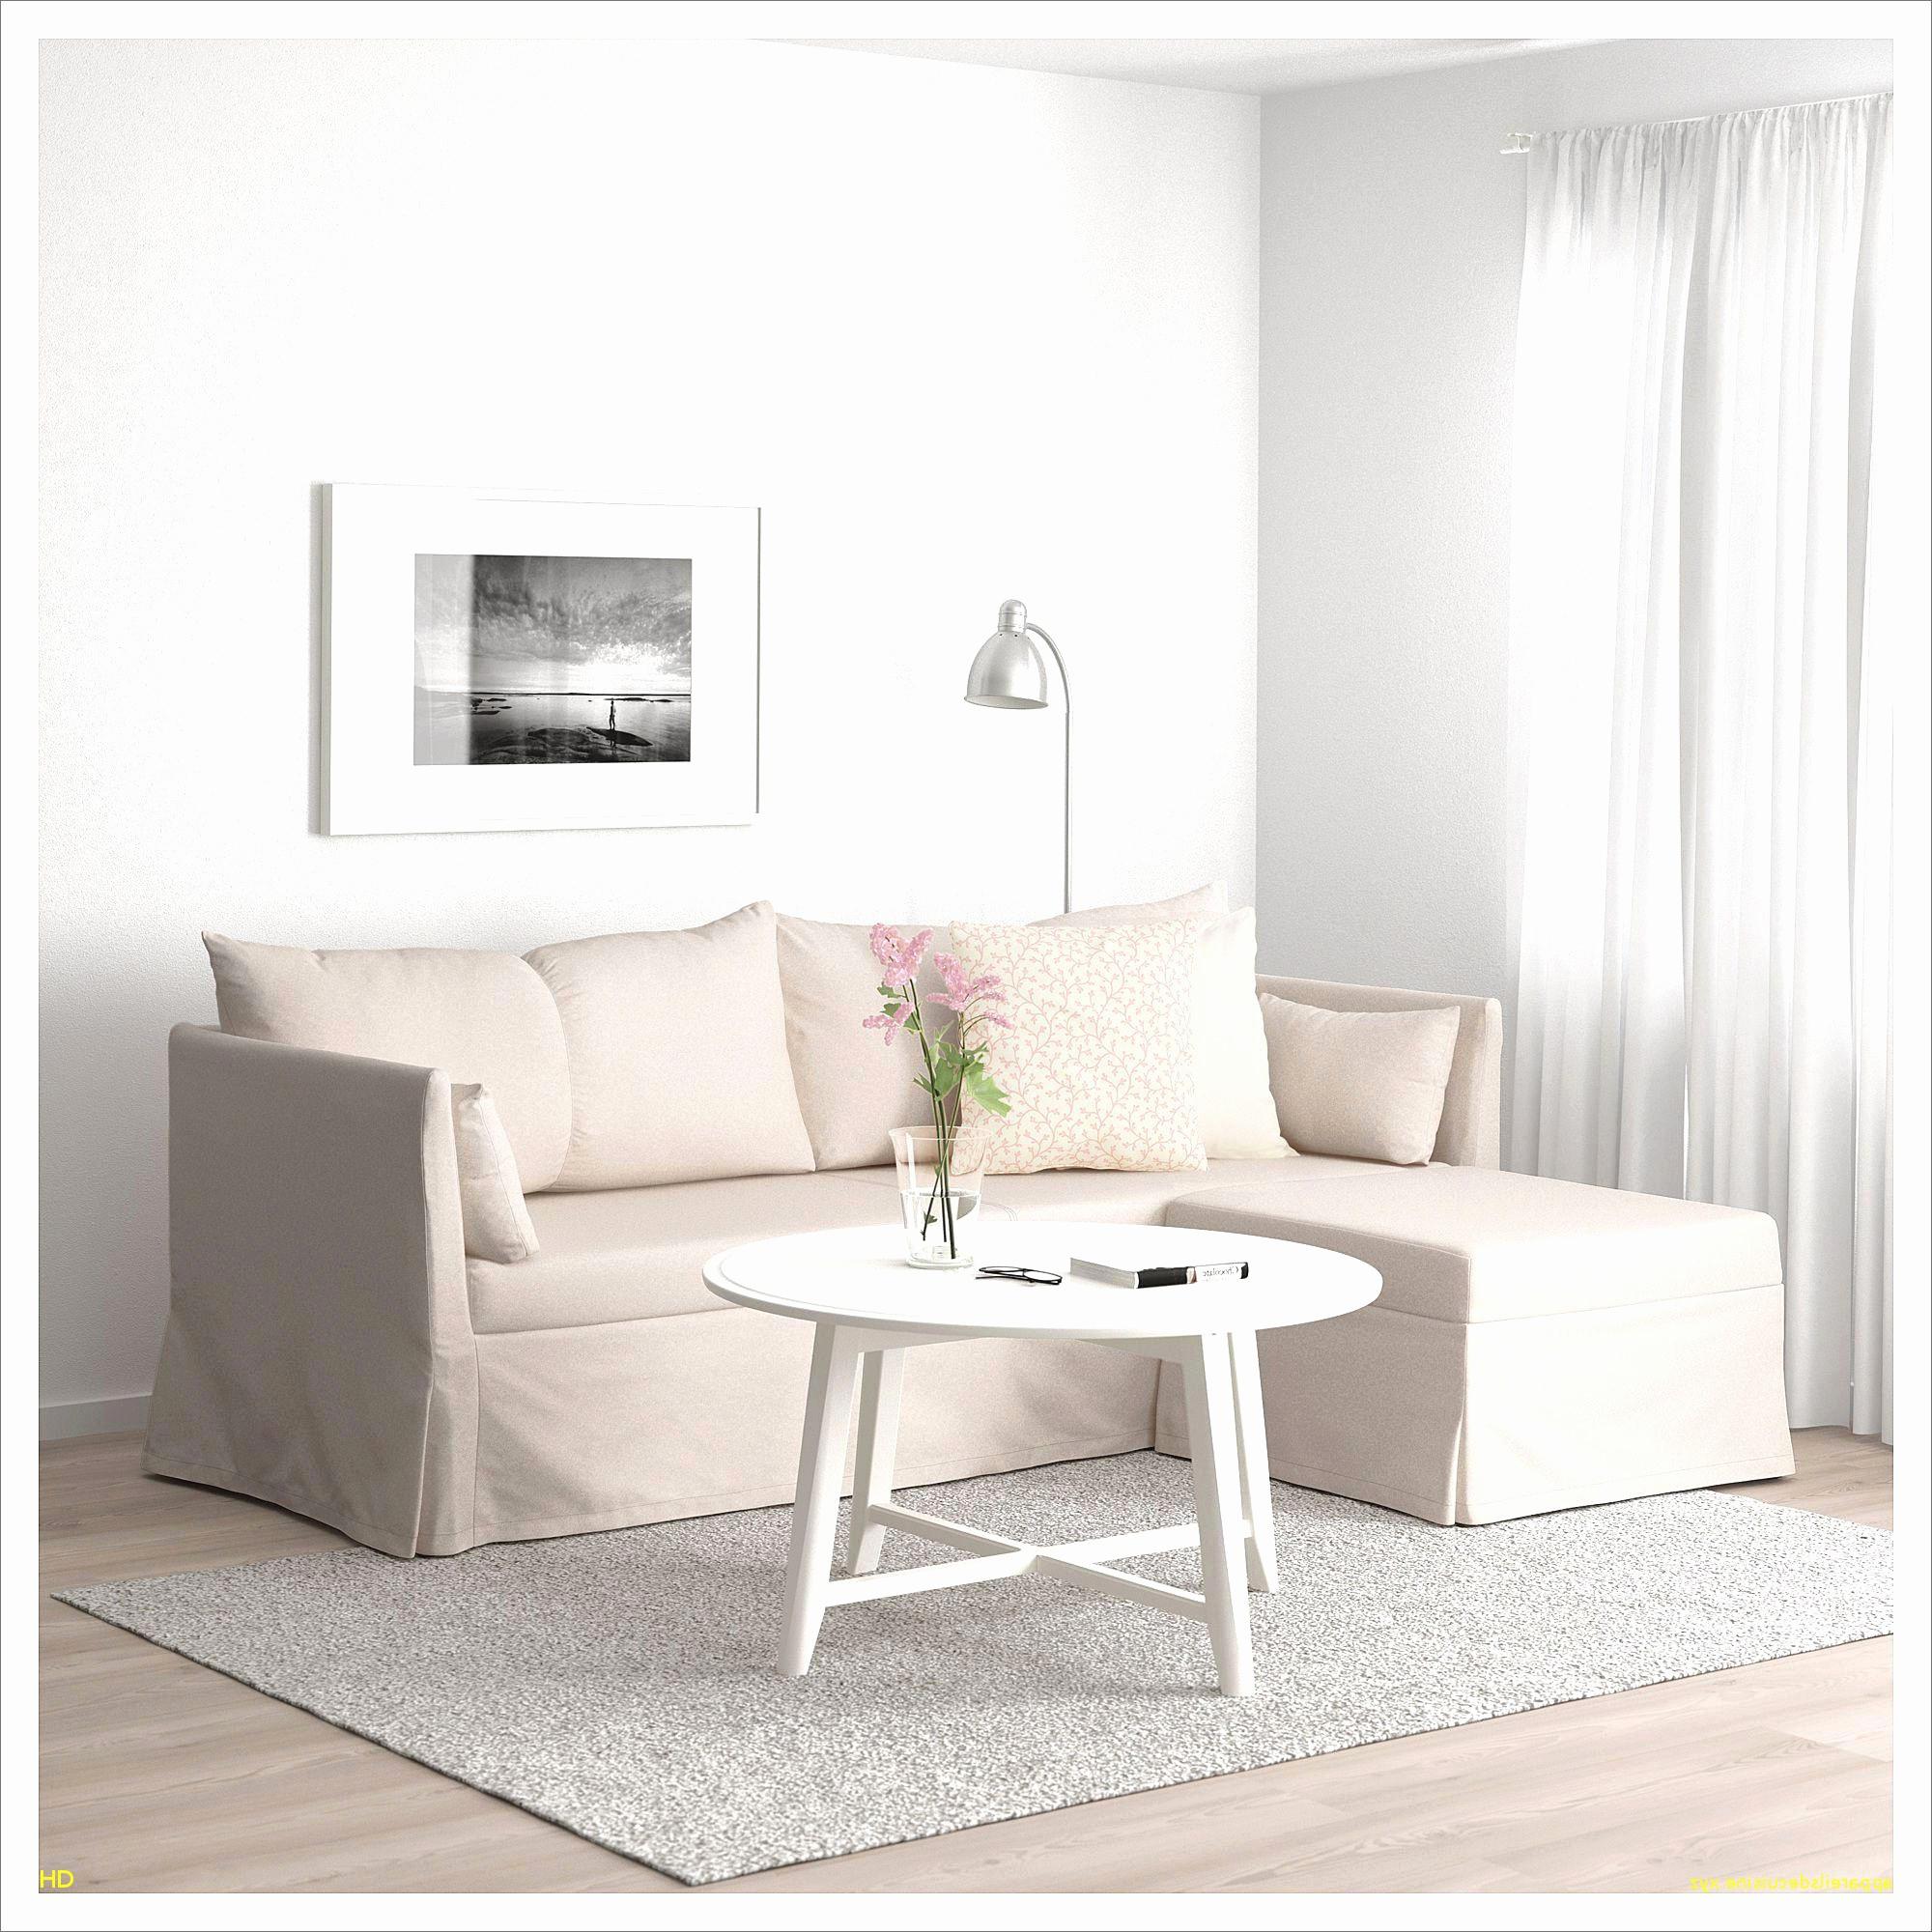 salon jardin bois exotique genial salon de jardin teck pas cher collections de dessins meubles de of salon jardin bois exotique